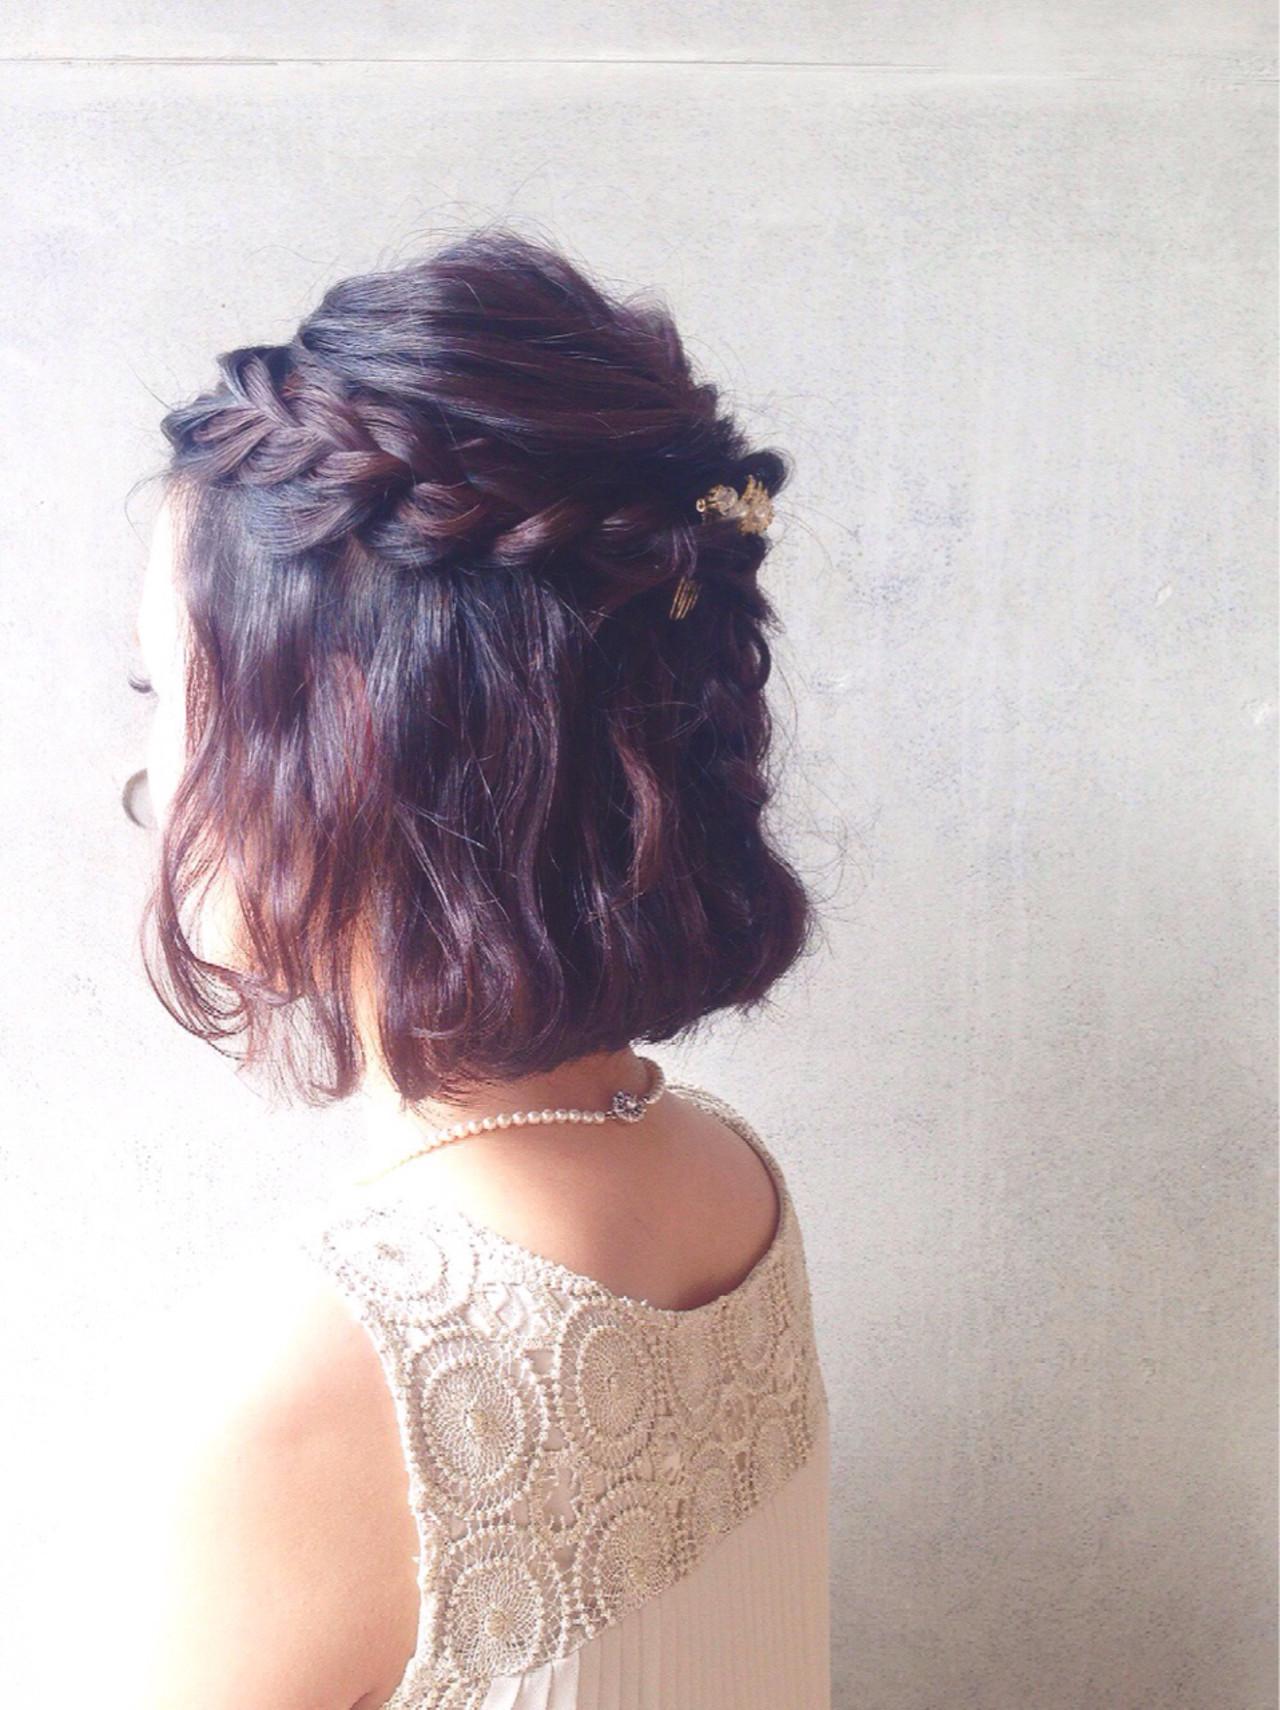 【結婚式髪型】ボブでもできる華やかアレンジ♪自分でもできるヘアセット 田渕裕紀